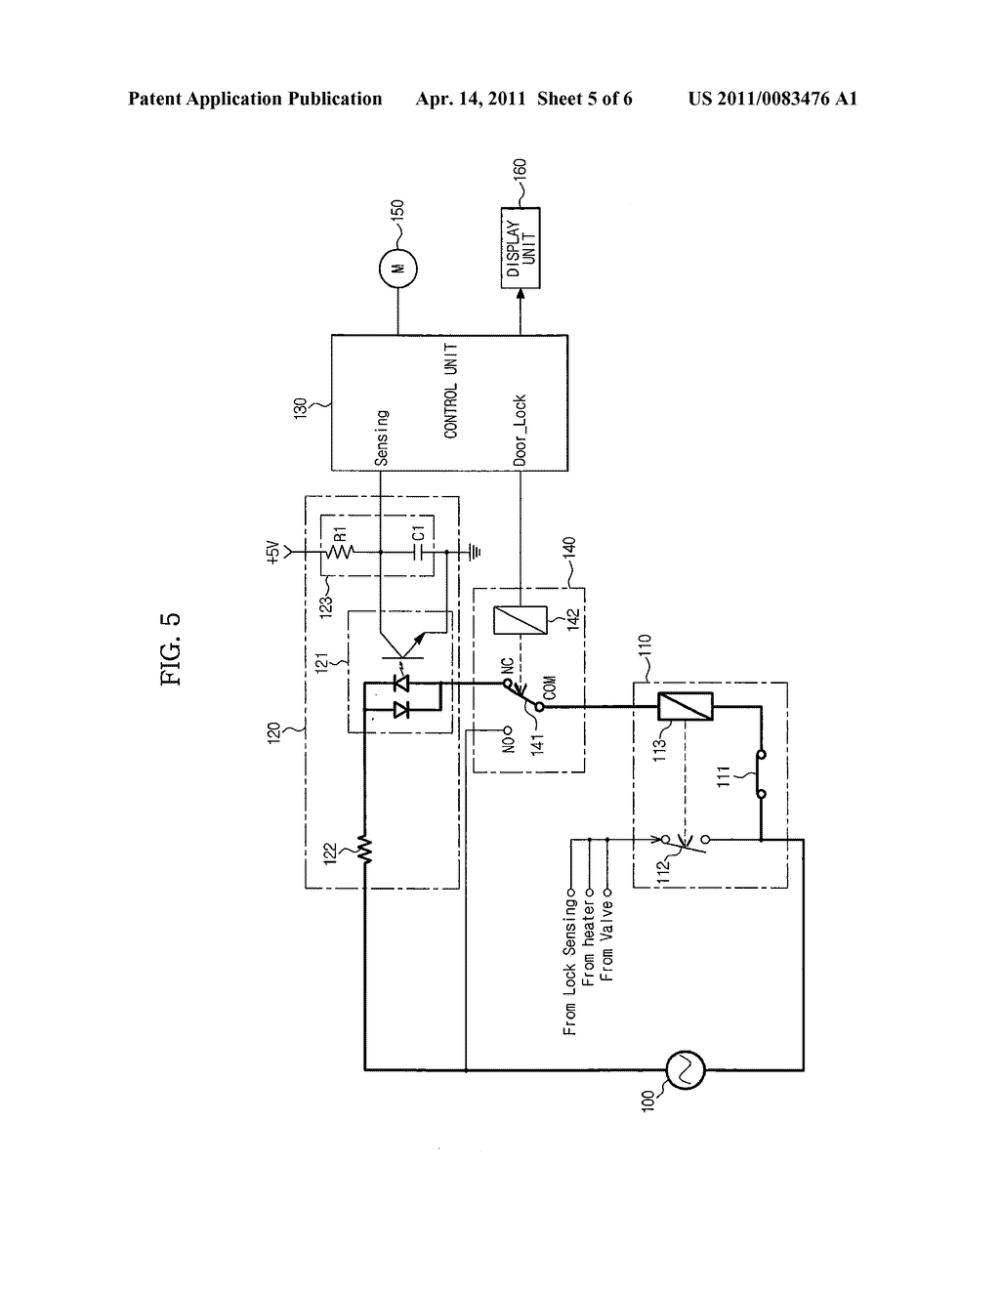 medium resolution of interlock crane electrical diagram wiring diagram third level door lock diagram washing machine door interlock wiring diagram